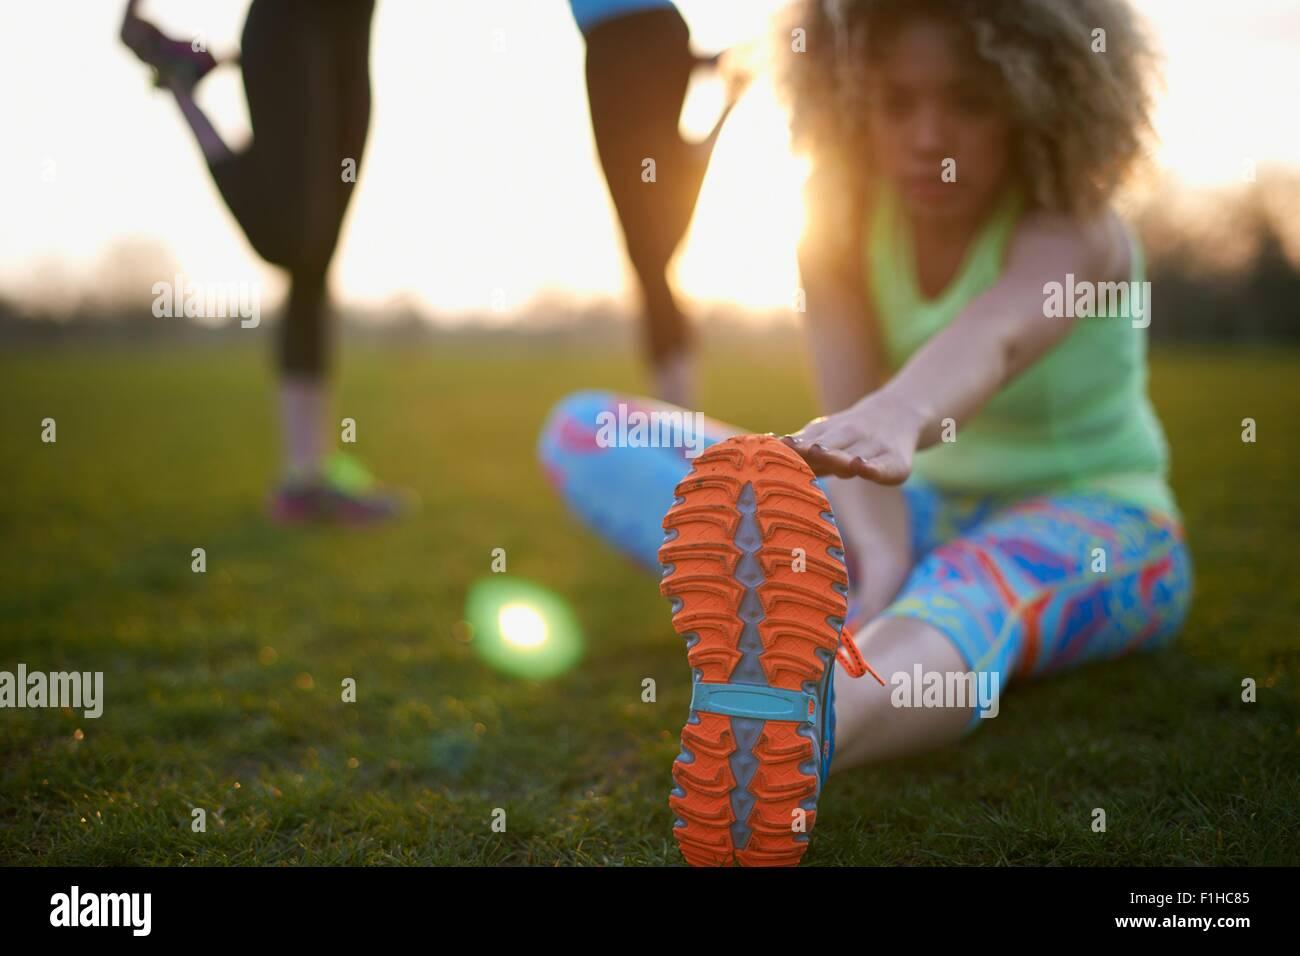 Retrato de mujer estiramientos antes de hacer ejercicio en el parque Imagen De Stock